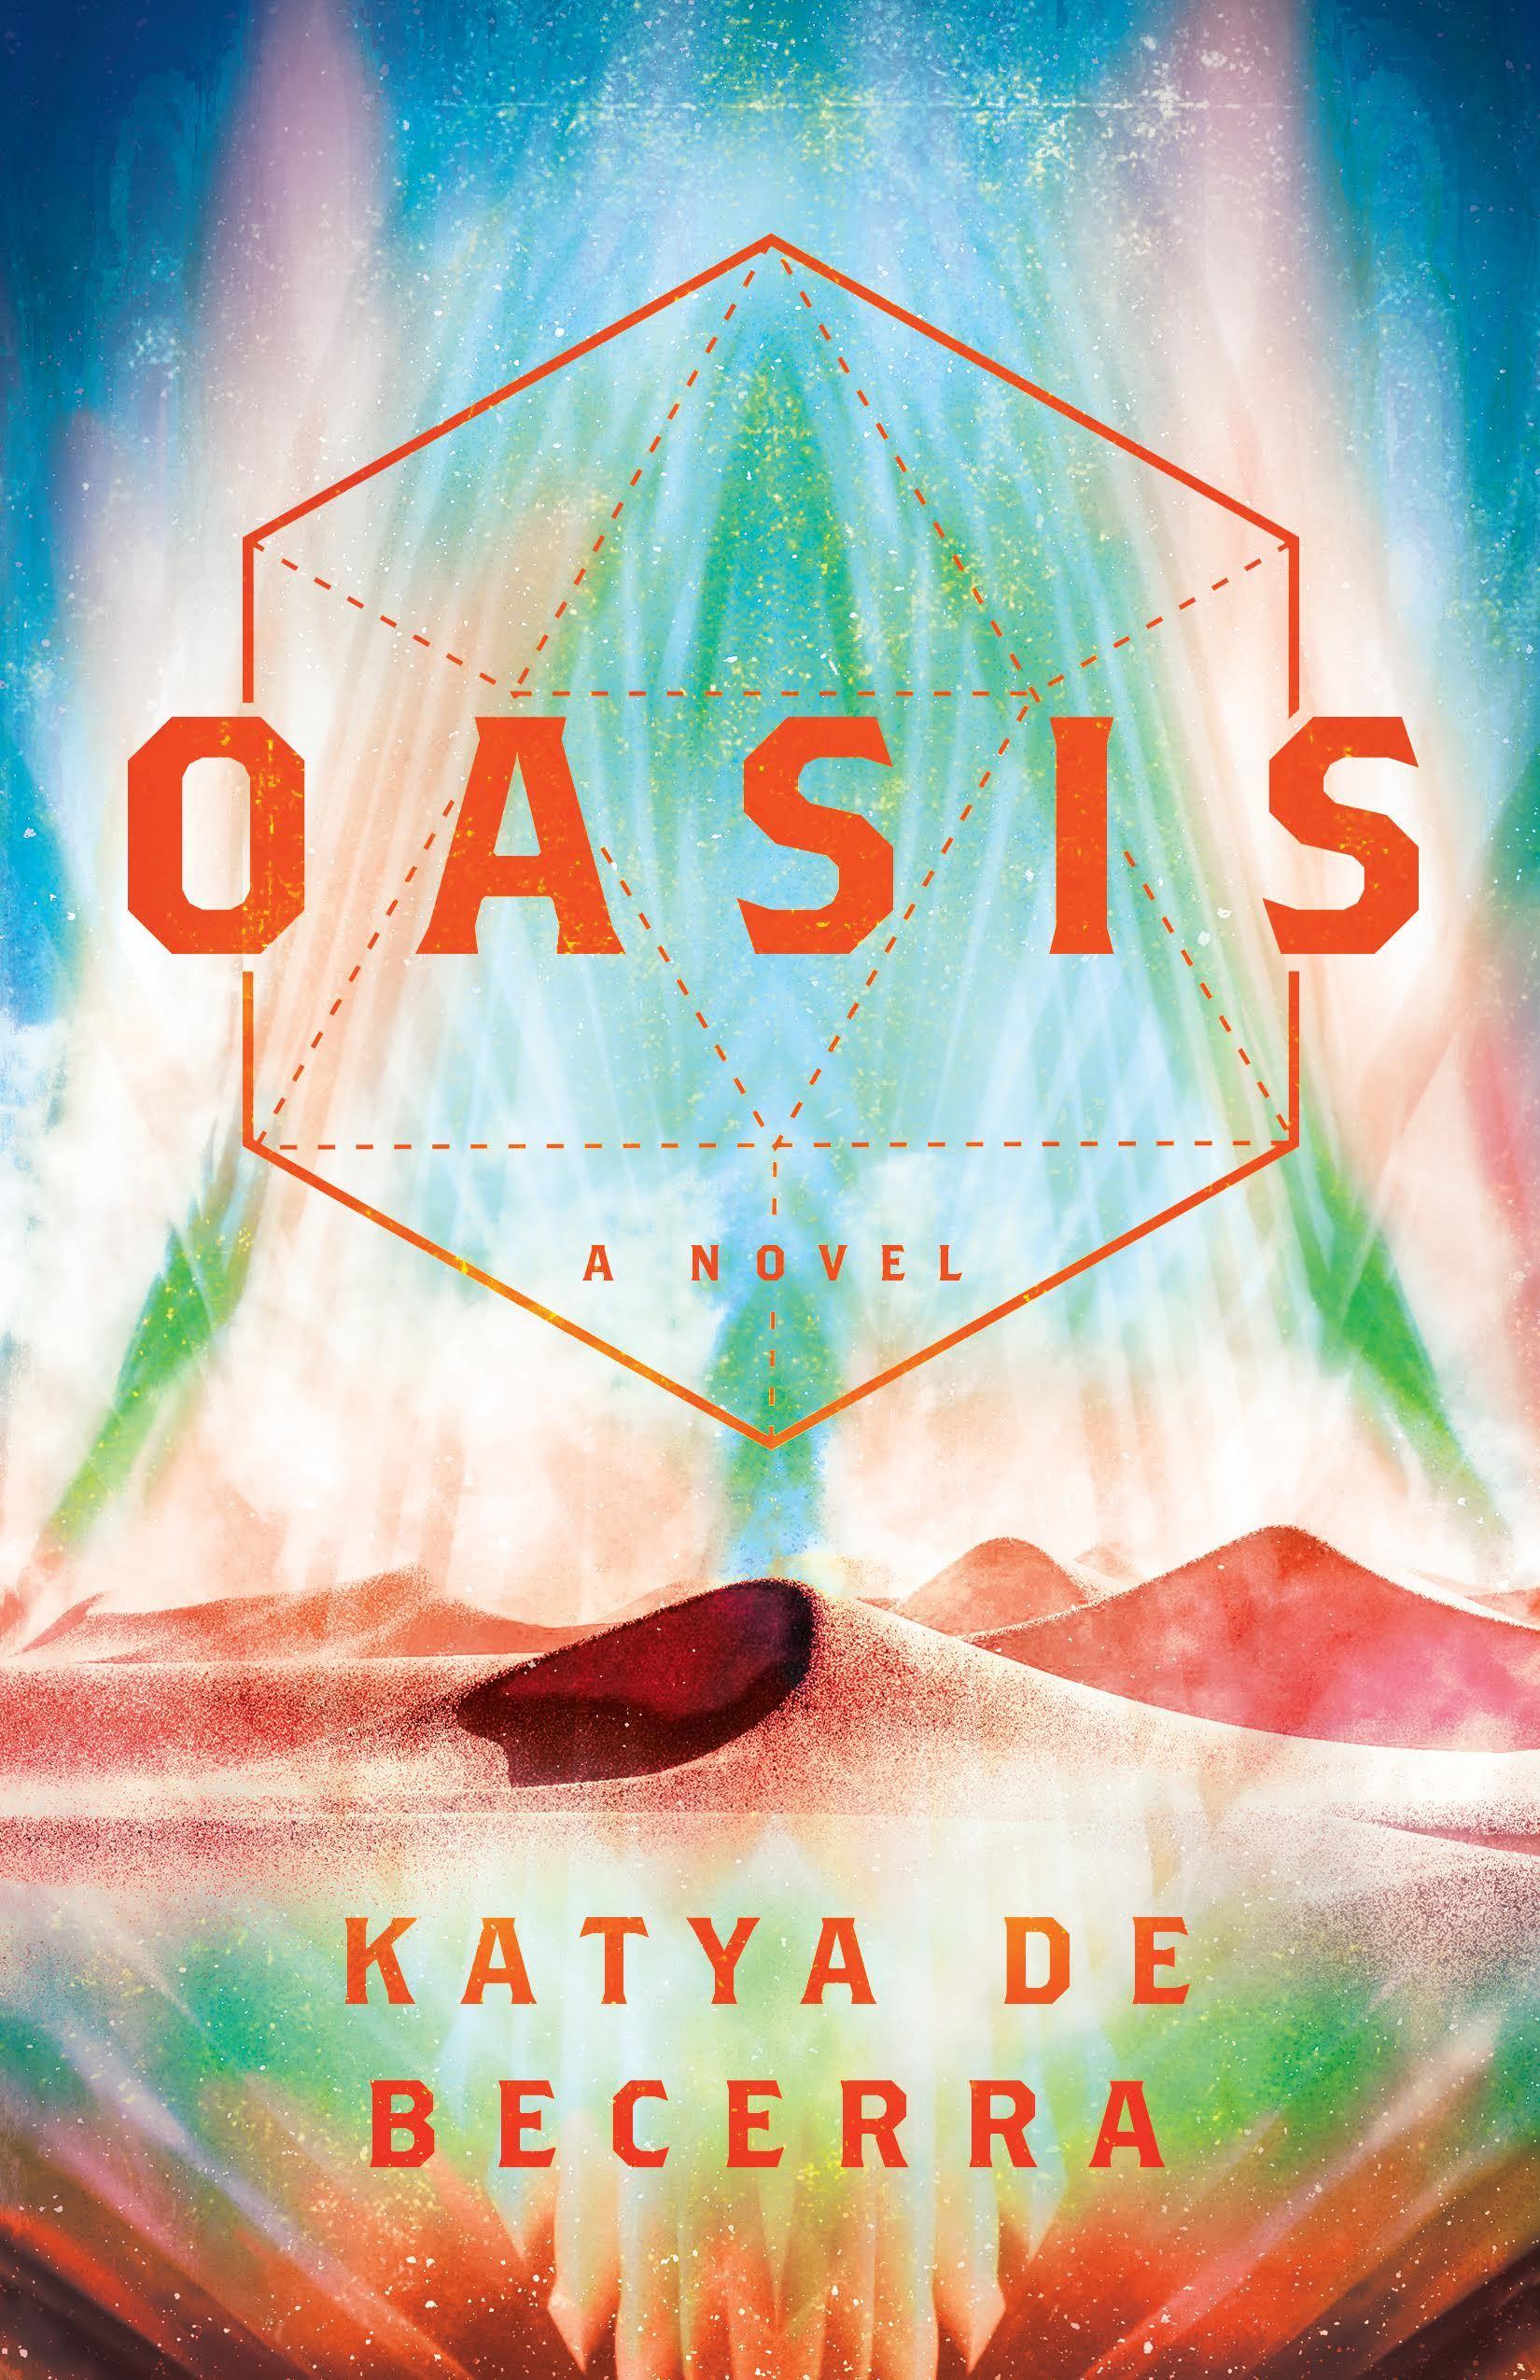 Oasis - Katya de Becerra